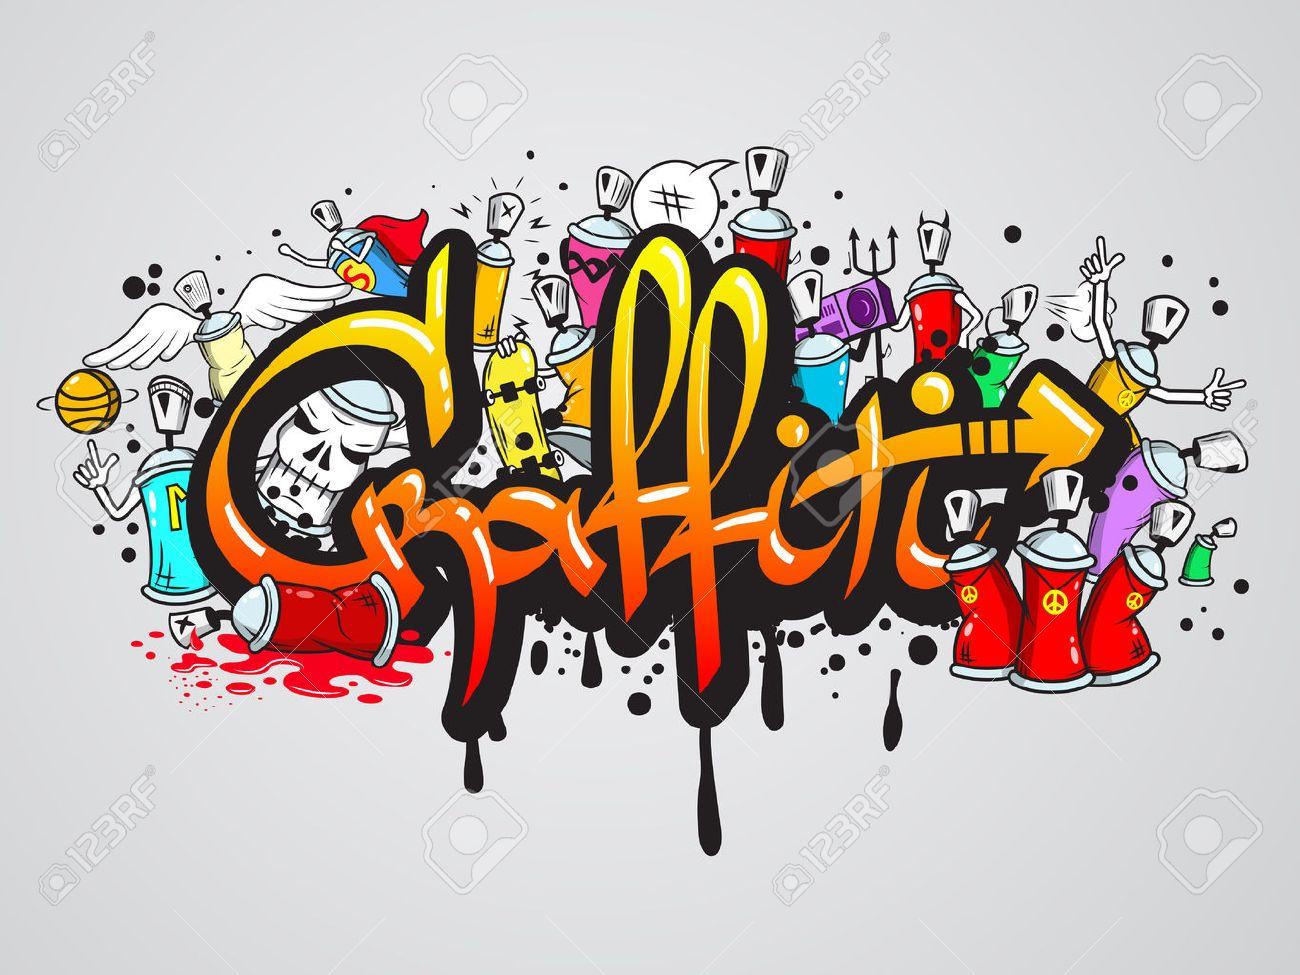 Decoratifs Graffiti Art Pulverisation Lettres Et Des Caracteres